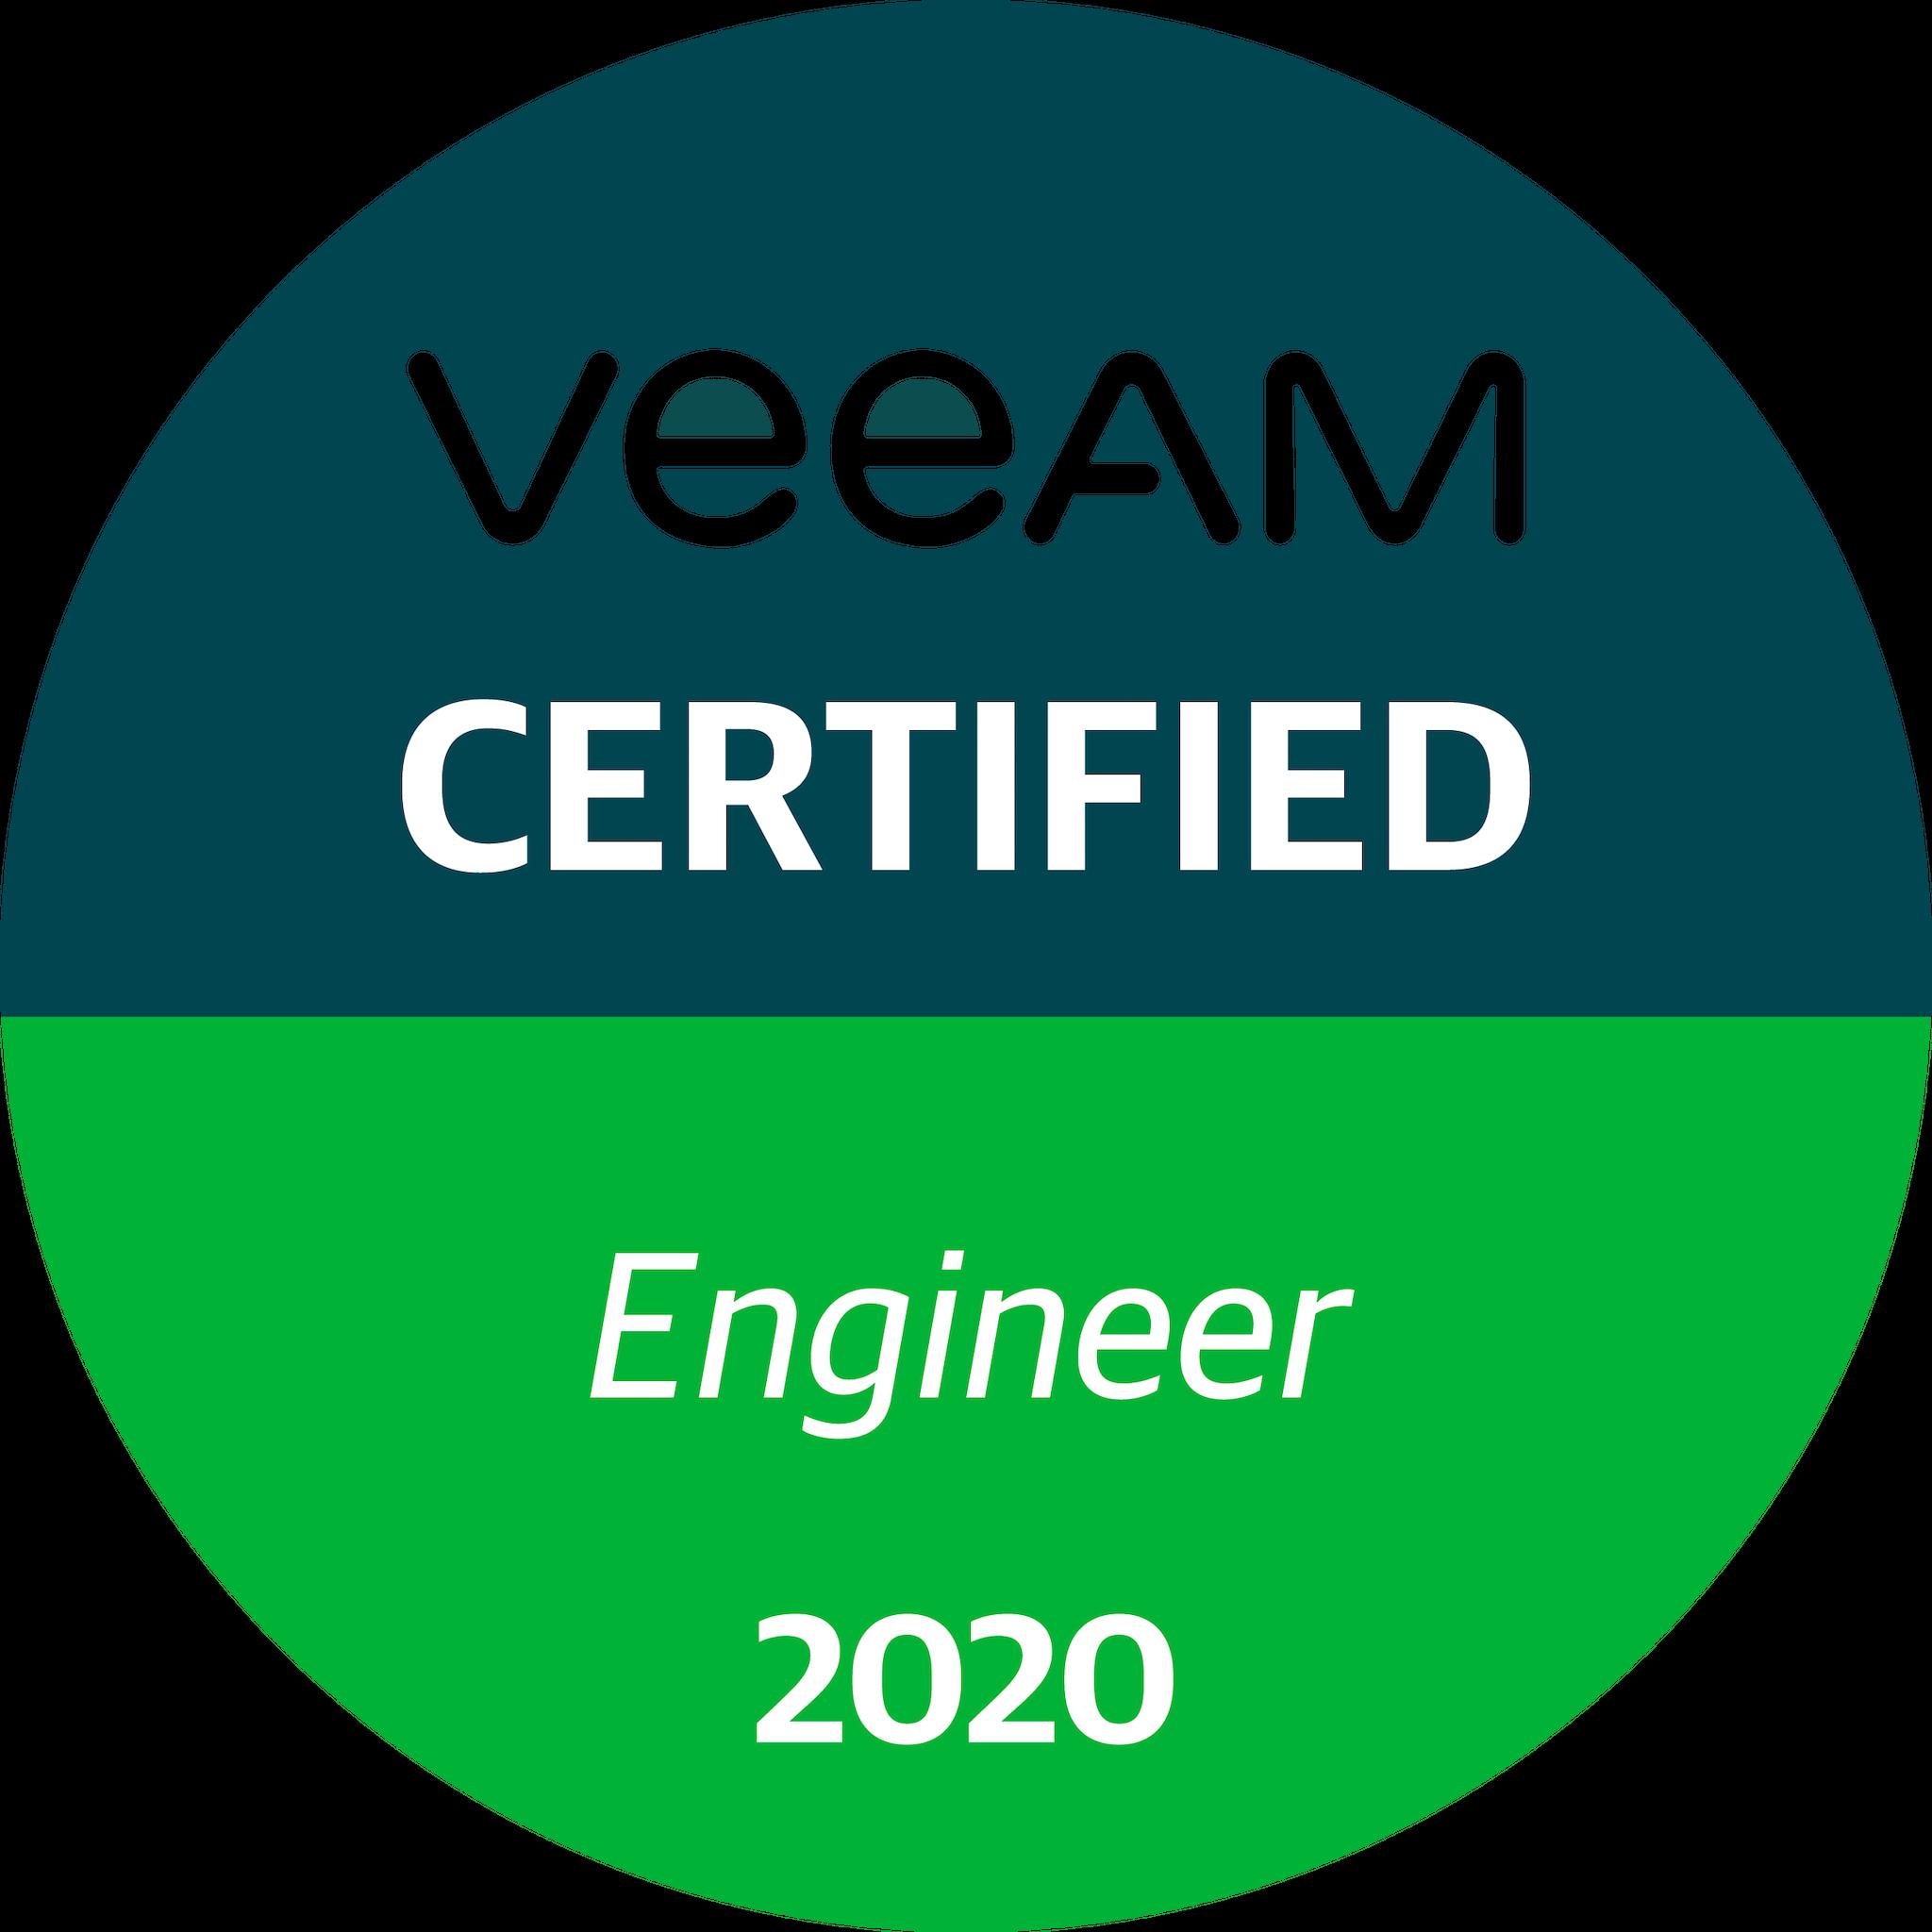 Veeam Certified Engineer 2020 (VMCE 2020)